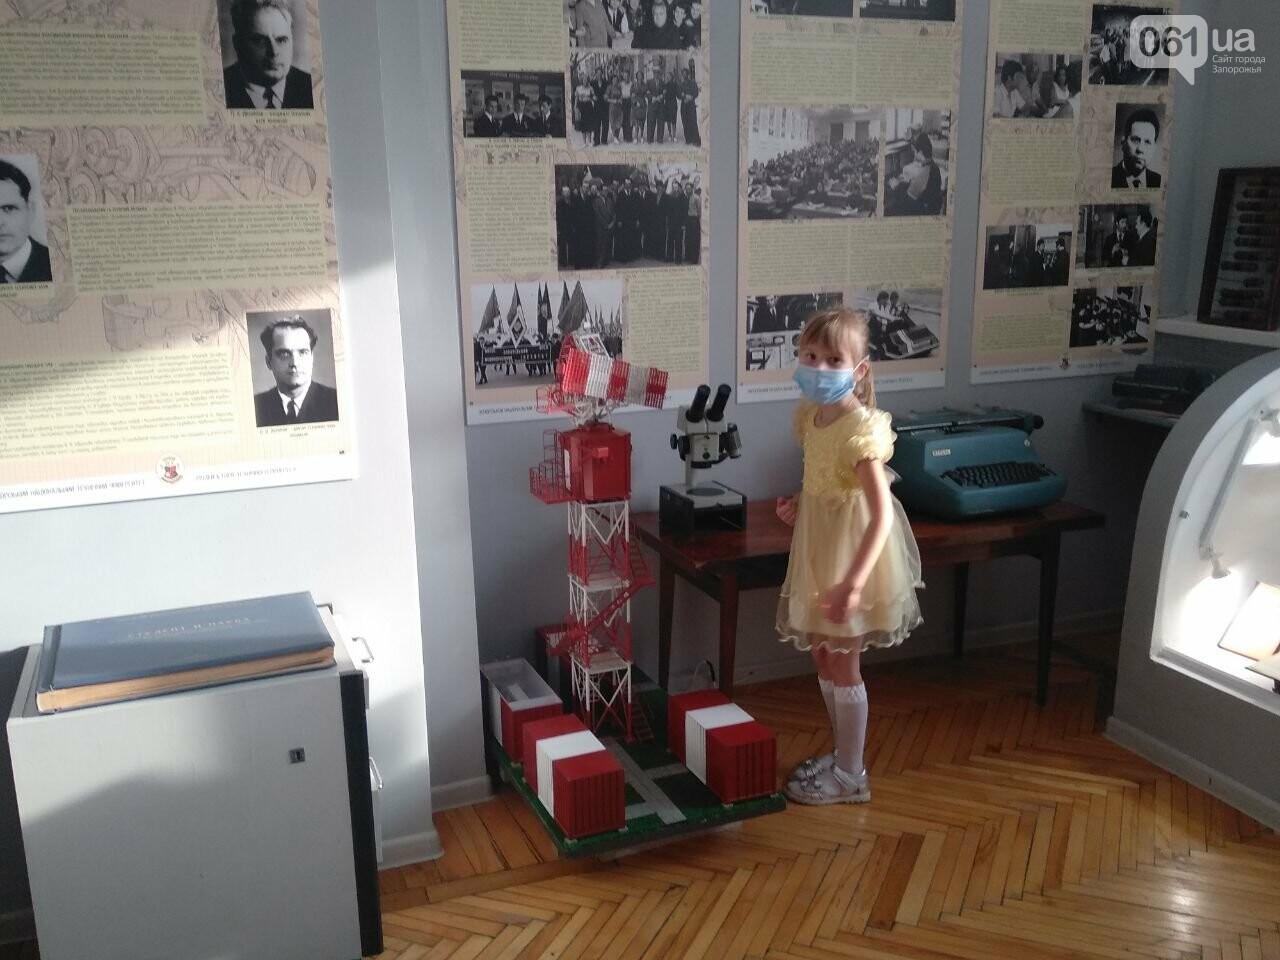 Роботы-официанты, ретро-экспонаты и физические эксперименты: как в Запорожье прошла «Ночь науки», фото-20